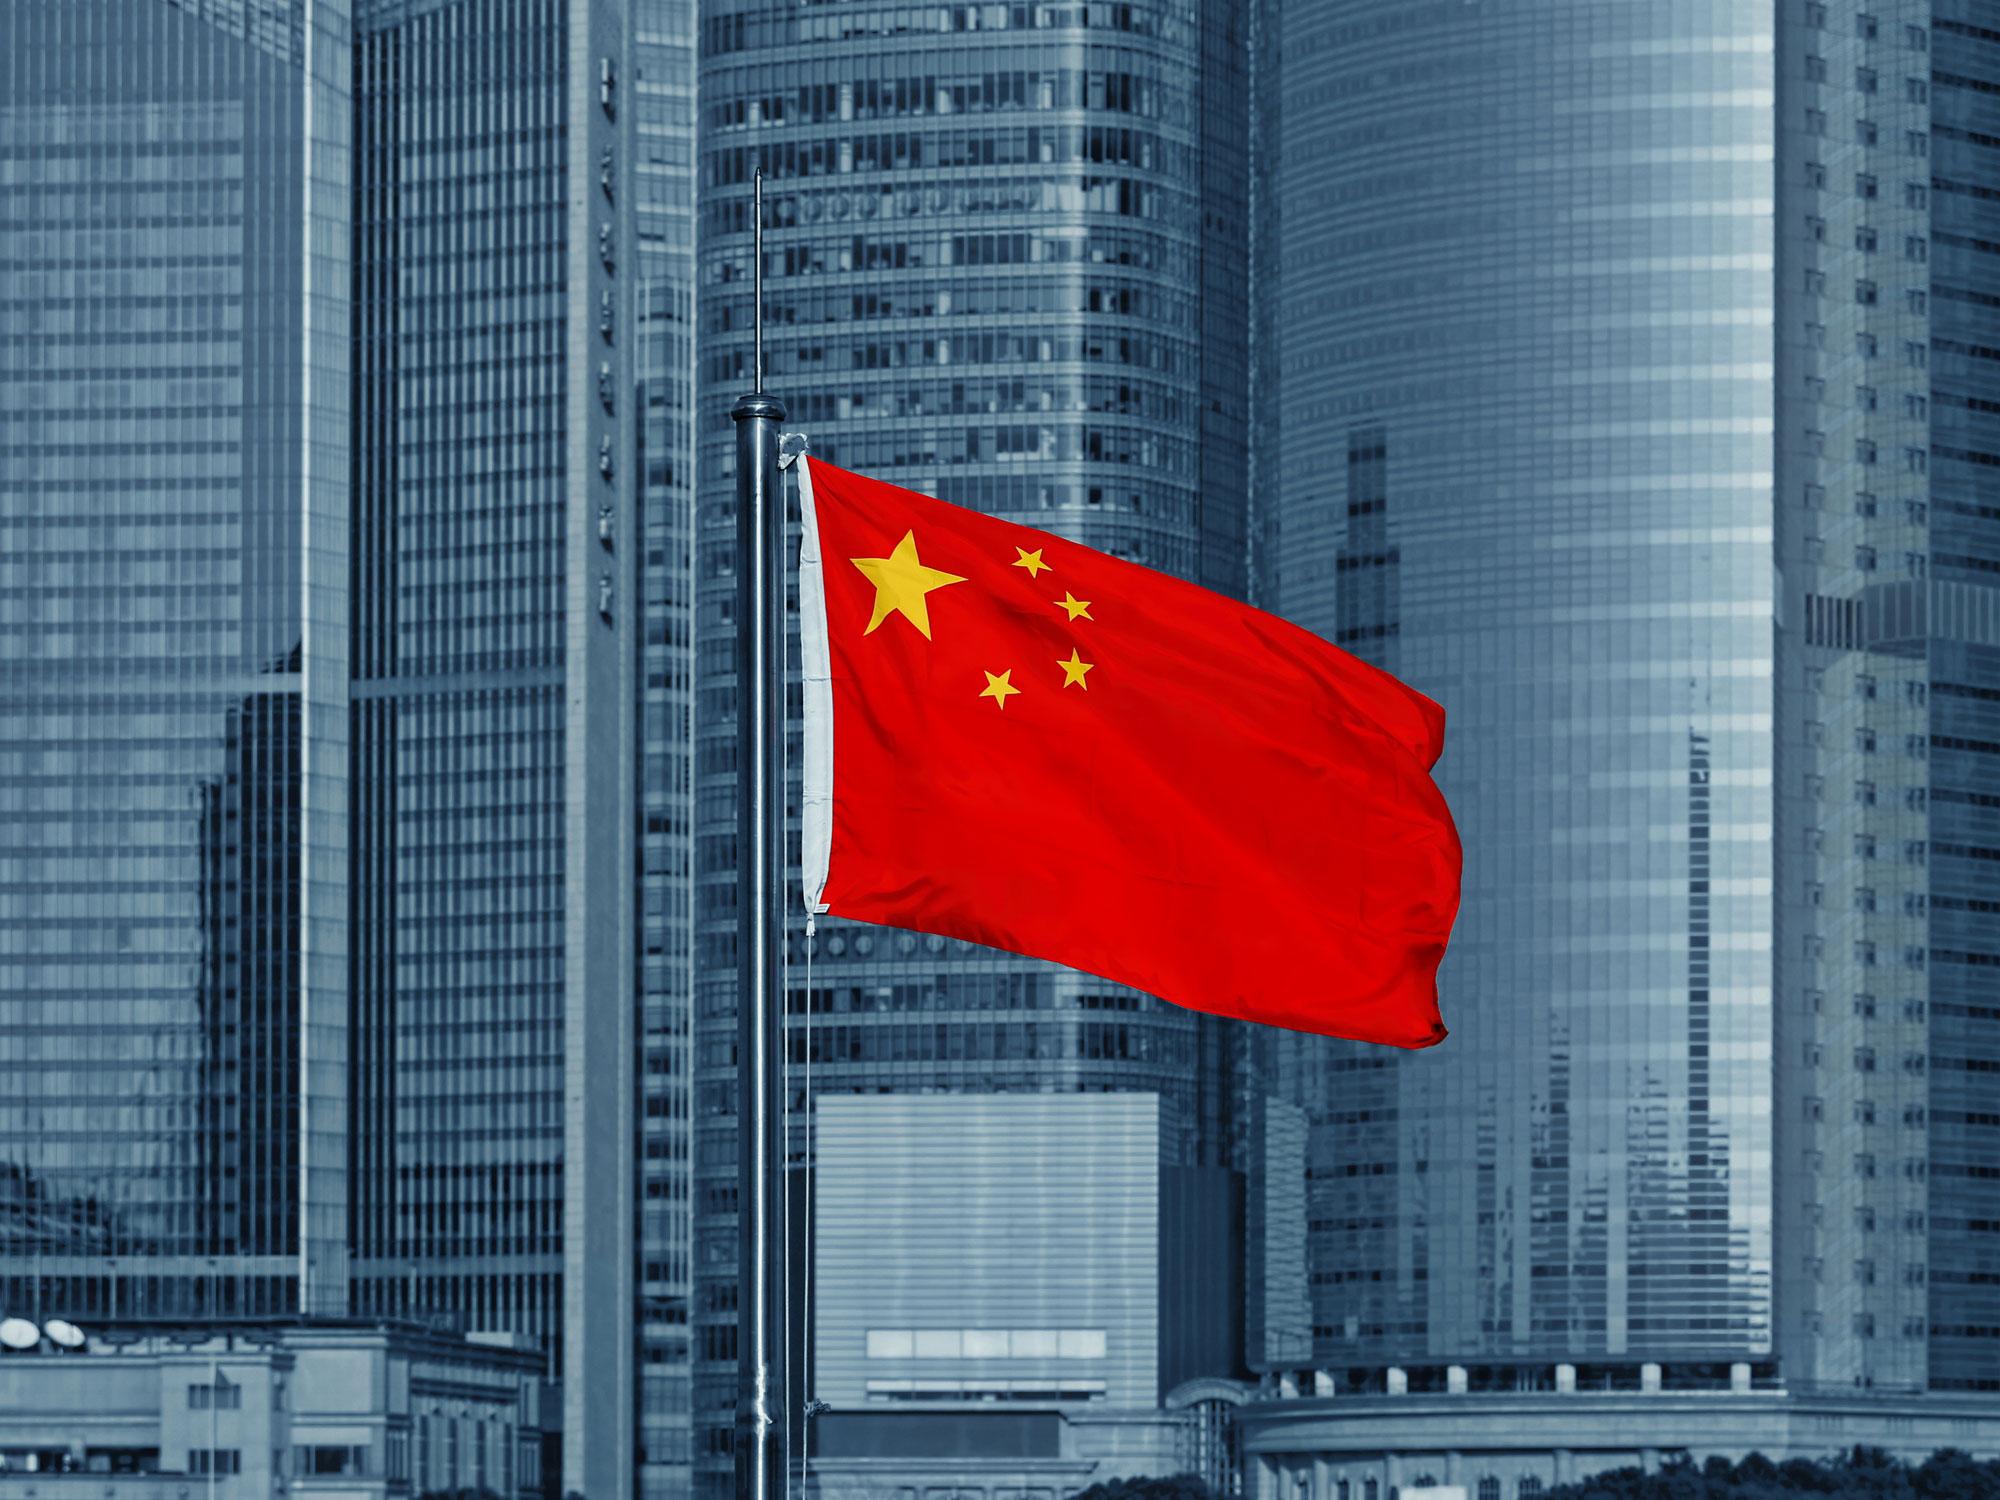 флаг китая фото картинки флаг китая фото картинки